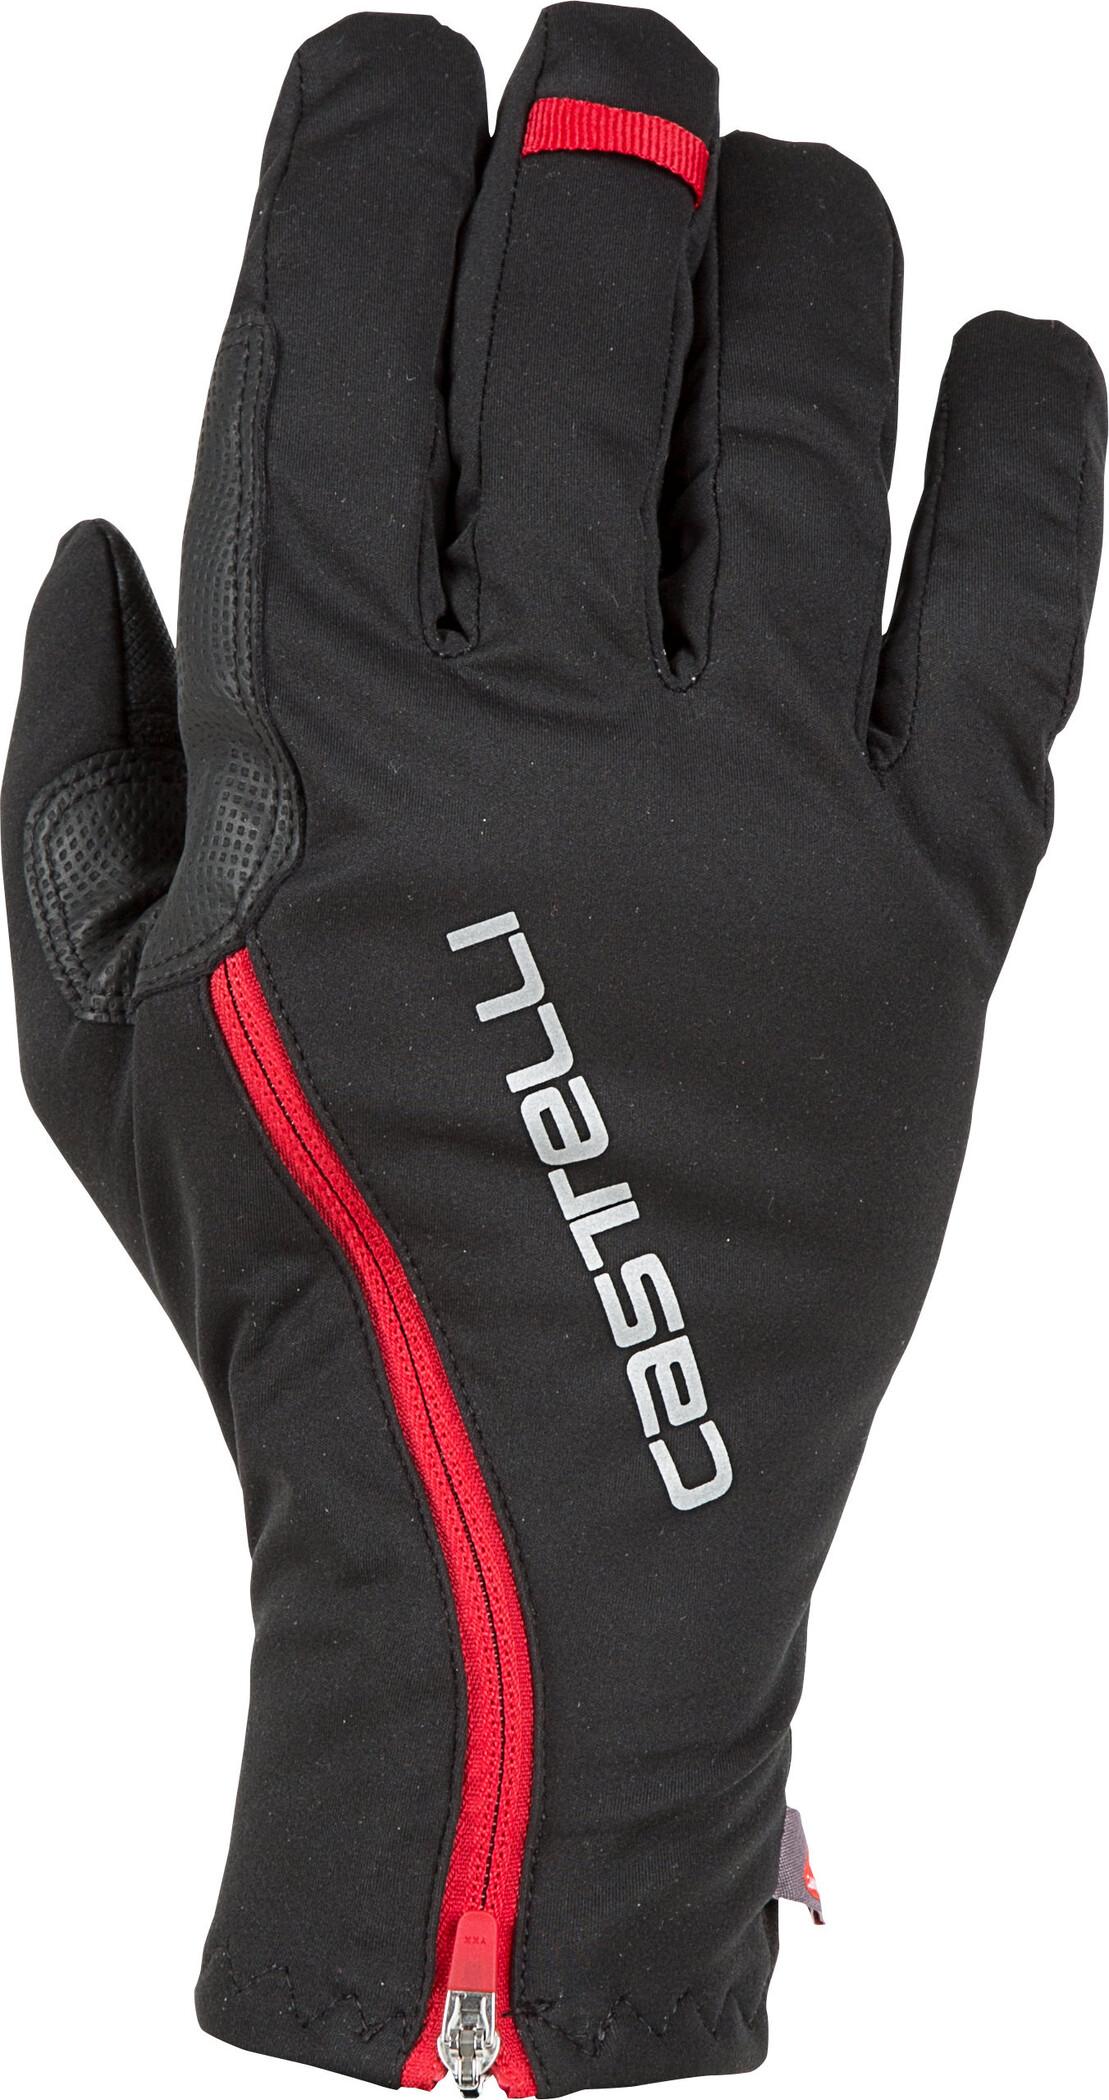 CASTELLI SPETTACOLO RoS HANDSKER BLACK/RED | Gloves